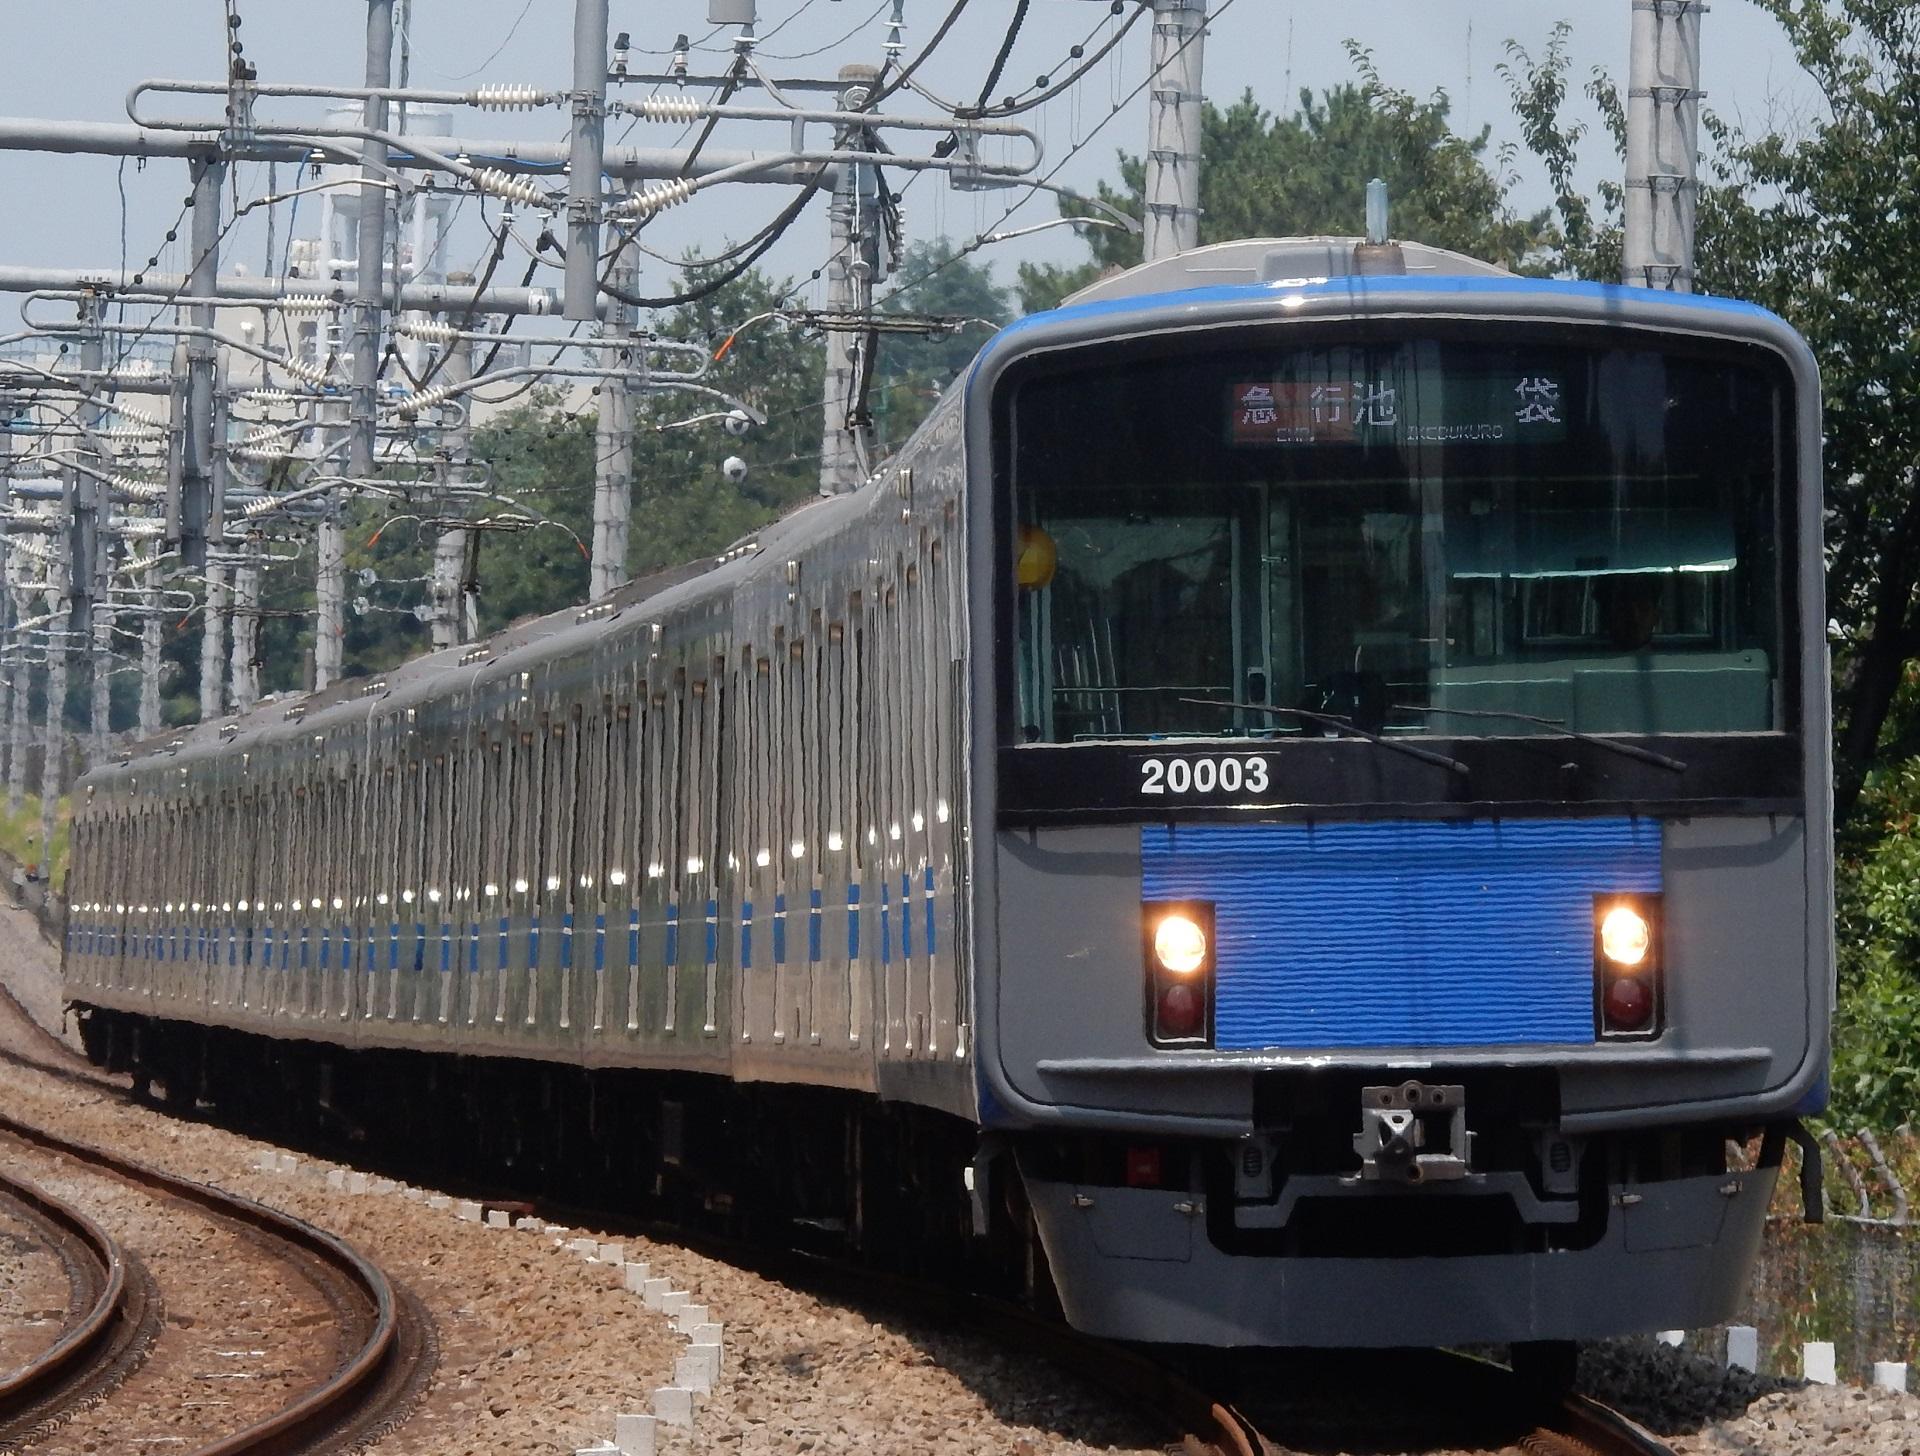 DSCN5146 - コピー